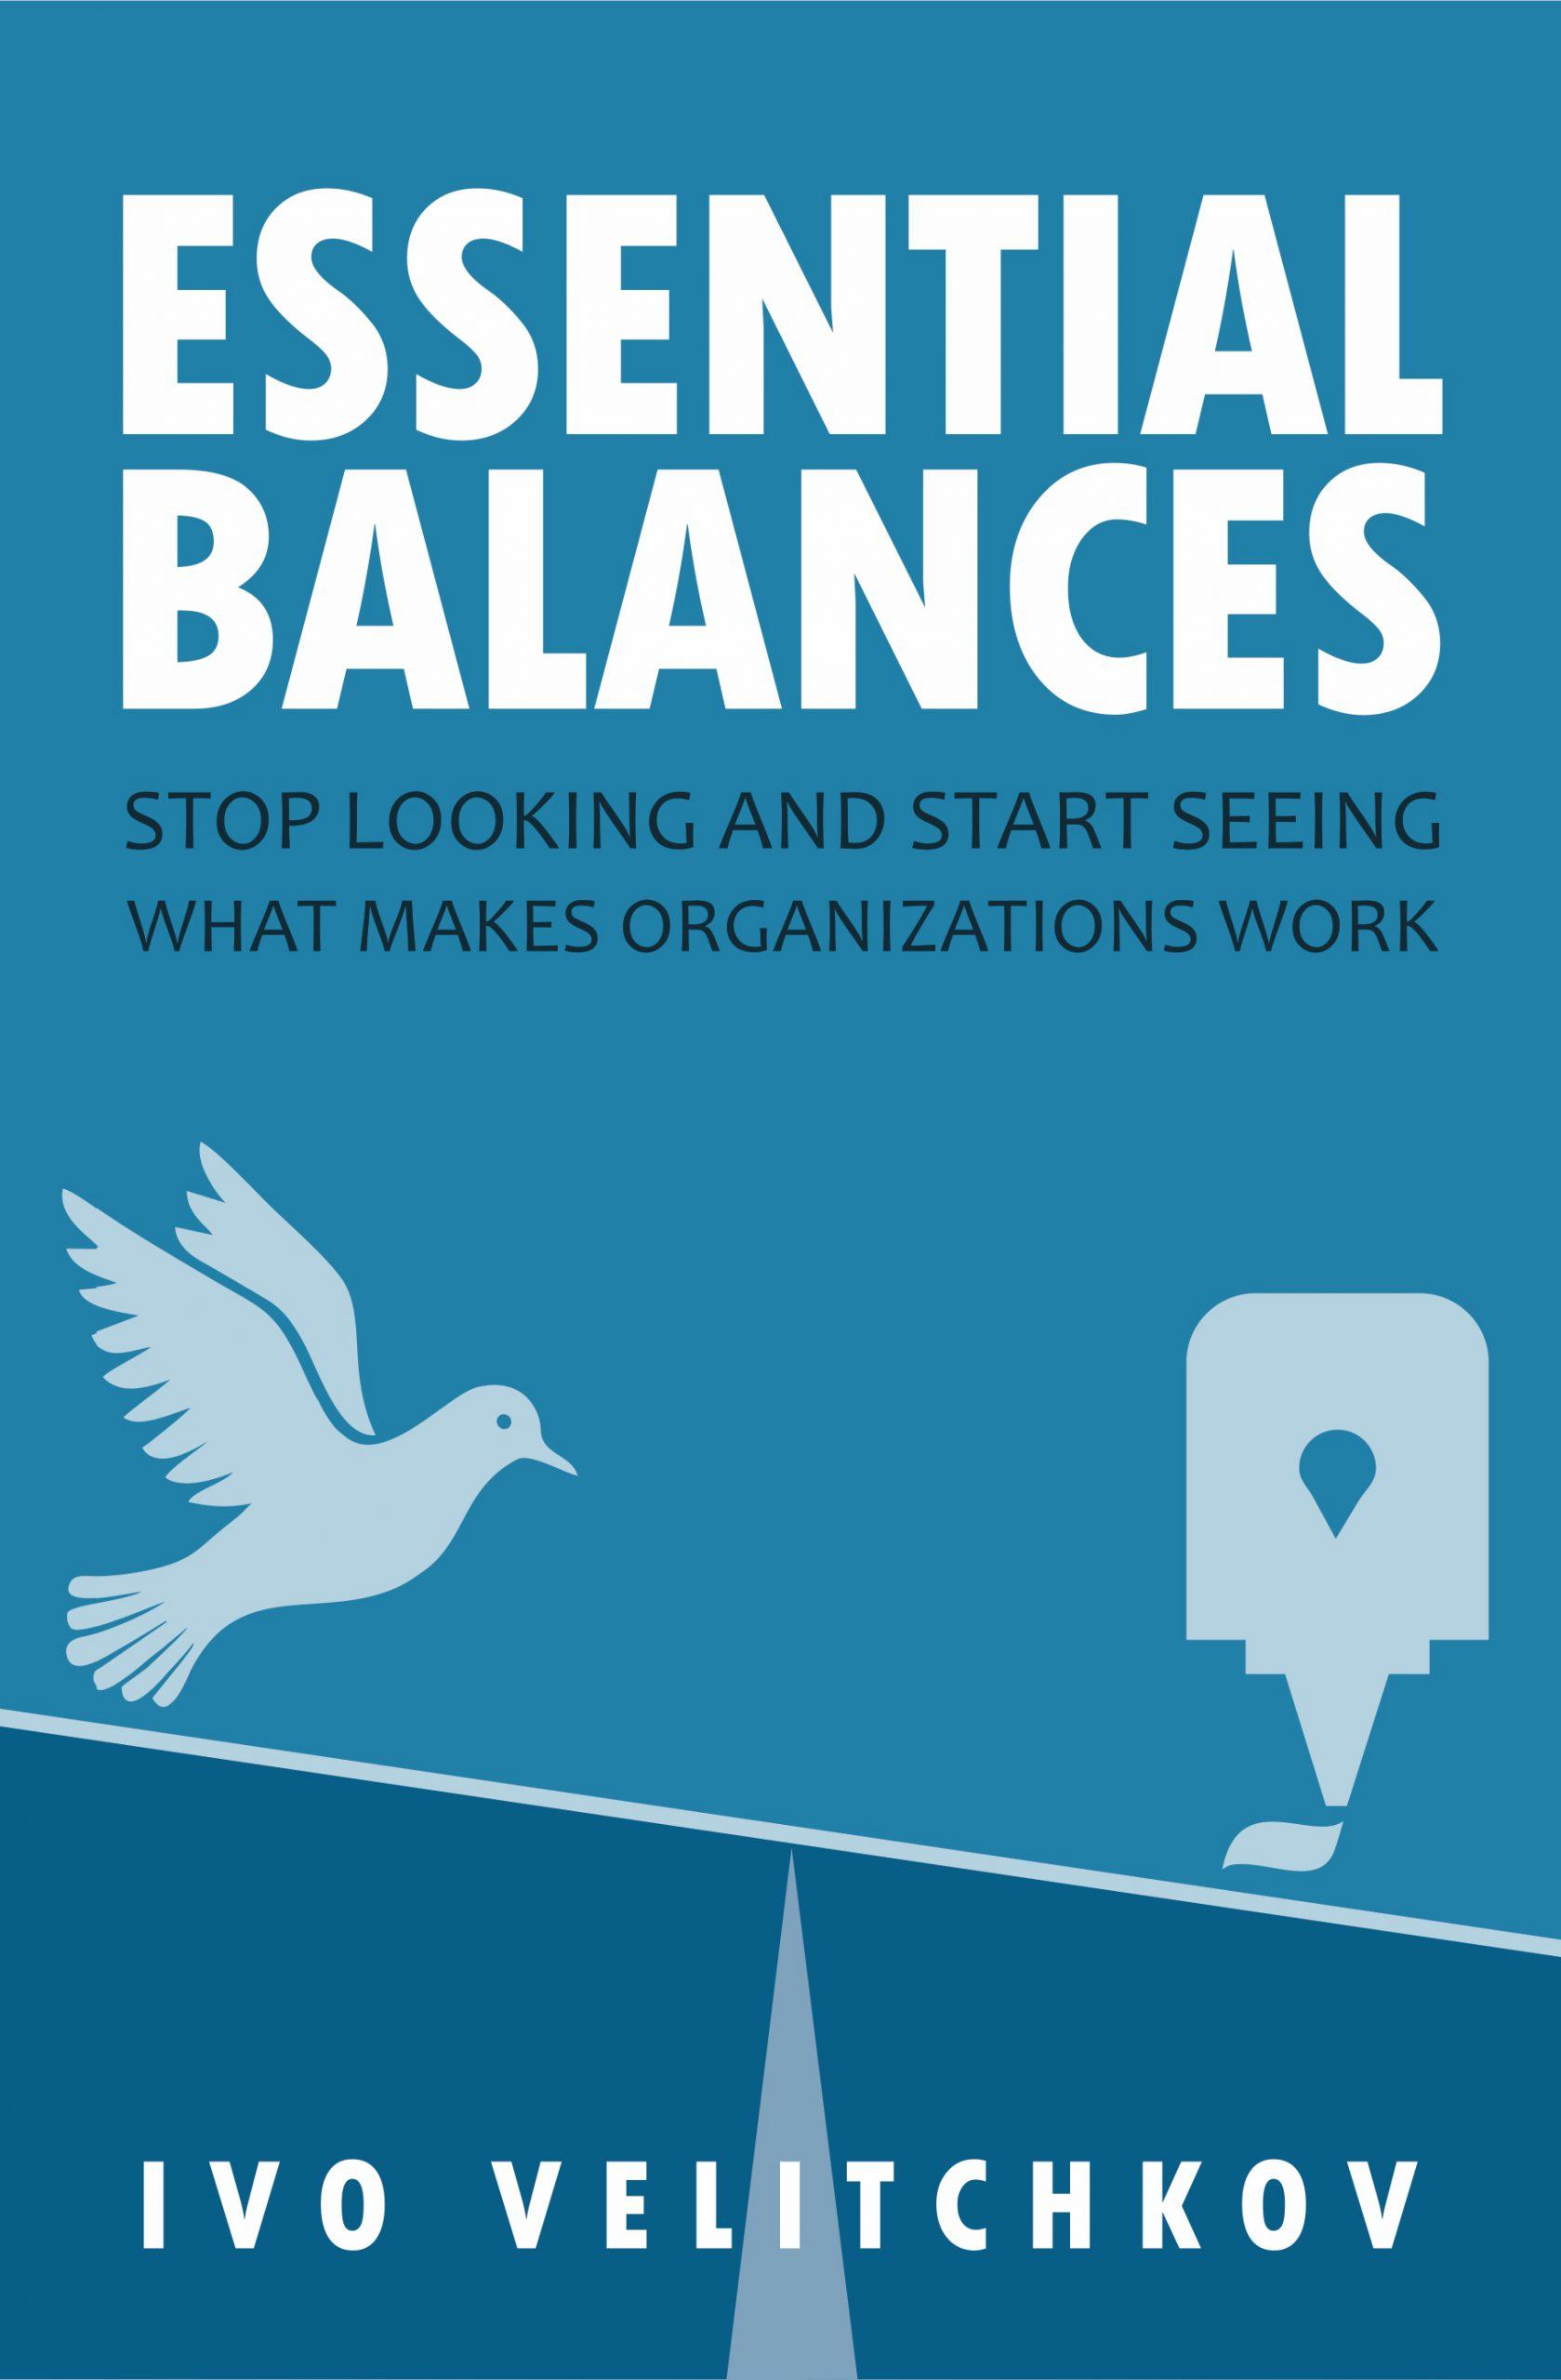 ESSENTIAL BALANCES (book cover)